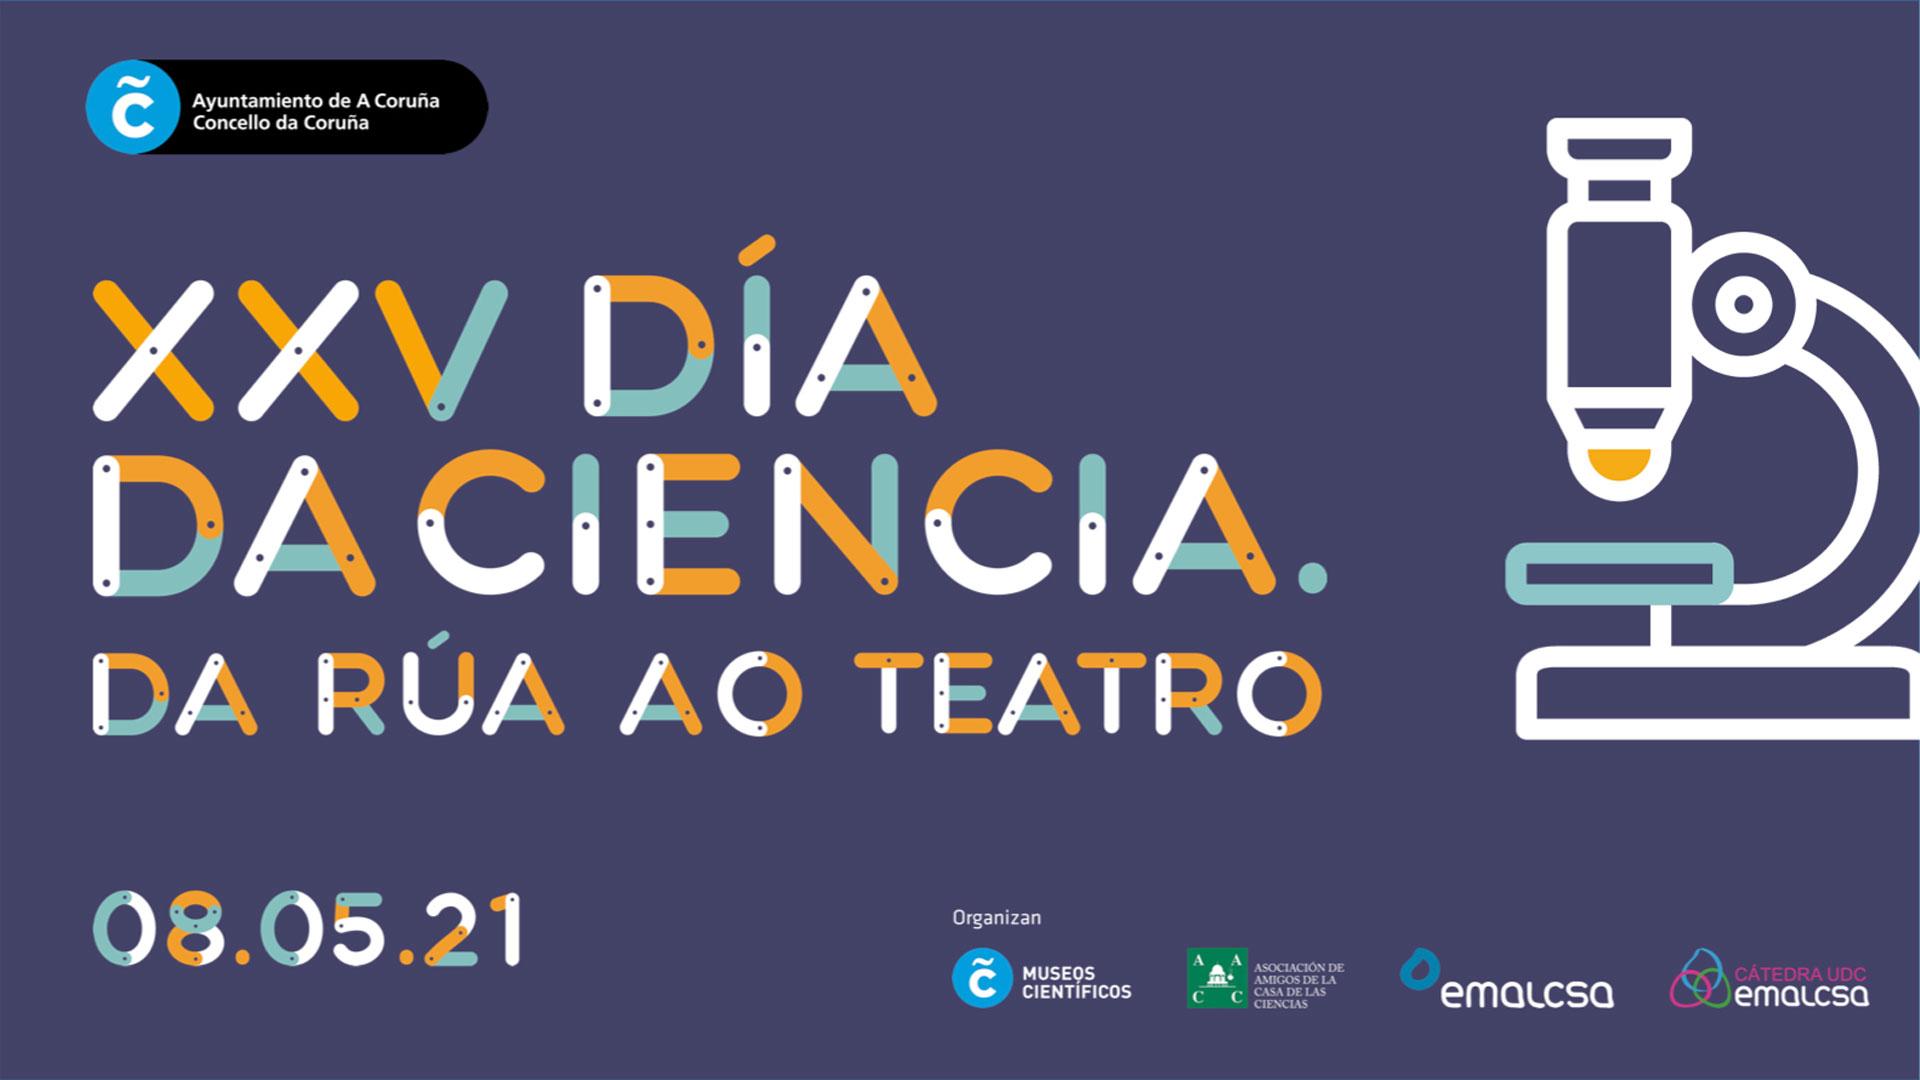 XXV Día da Ciencia